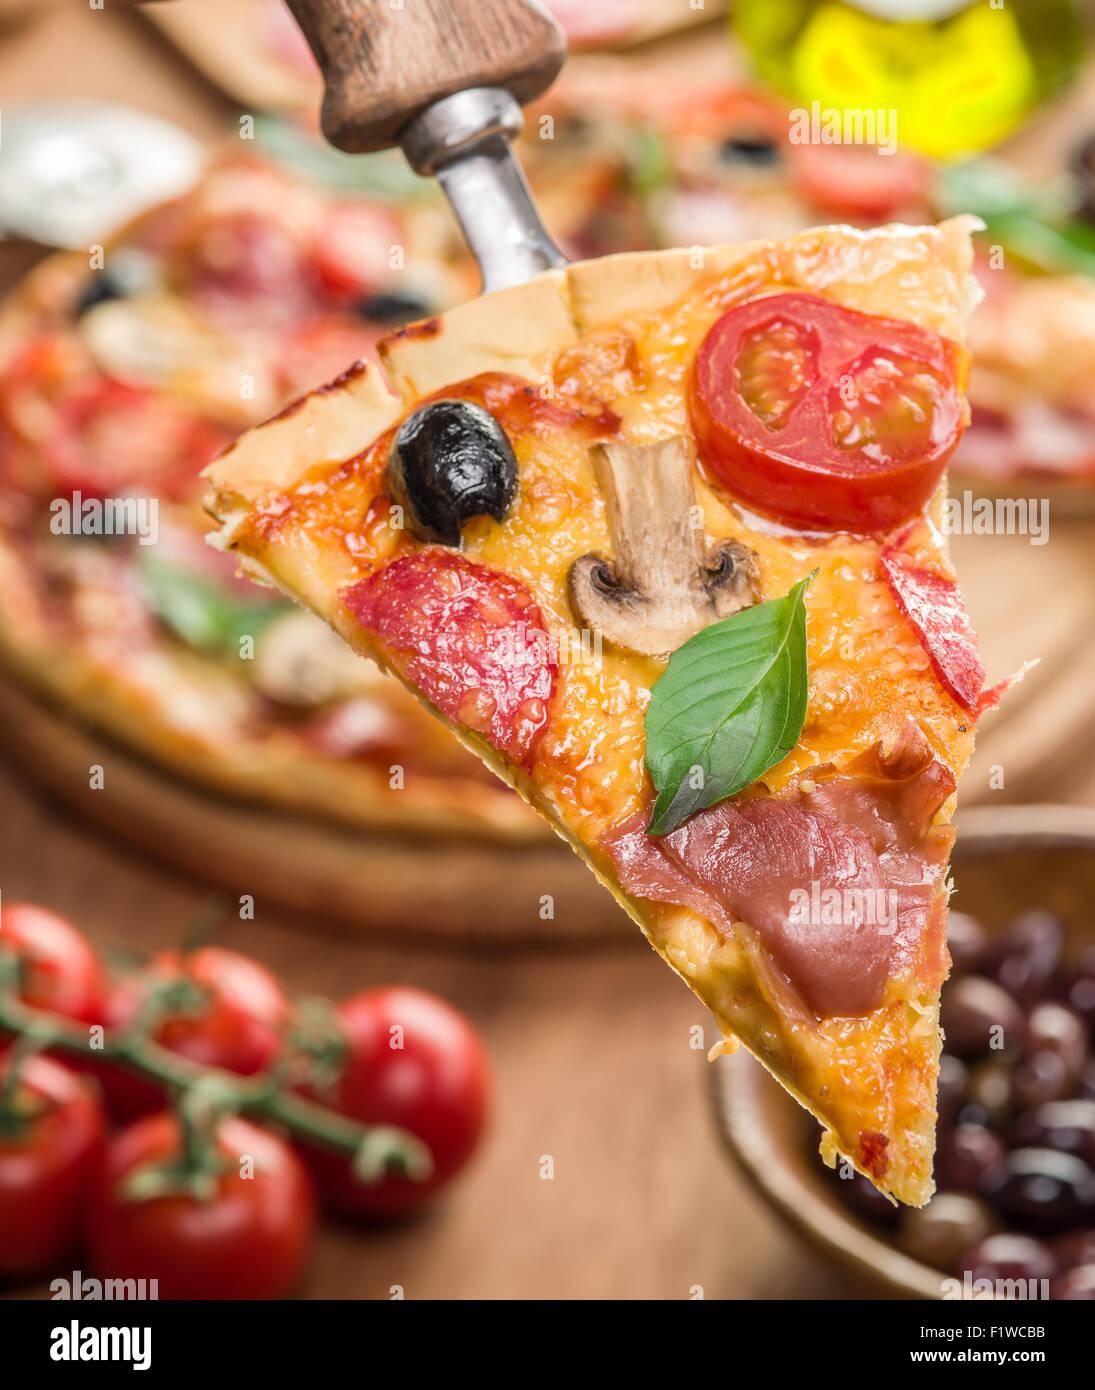 Morceau de pizza aux champignons, jambon et tomates. Vue d'en haut. Banque D'Images